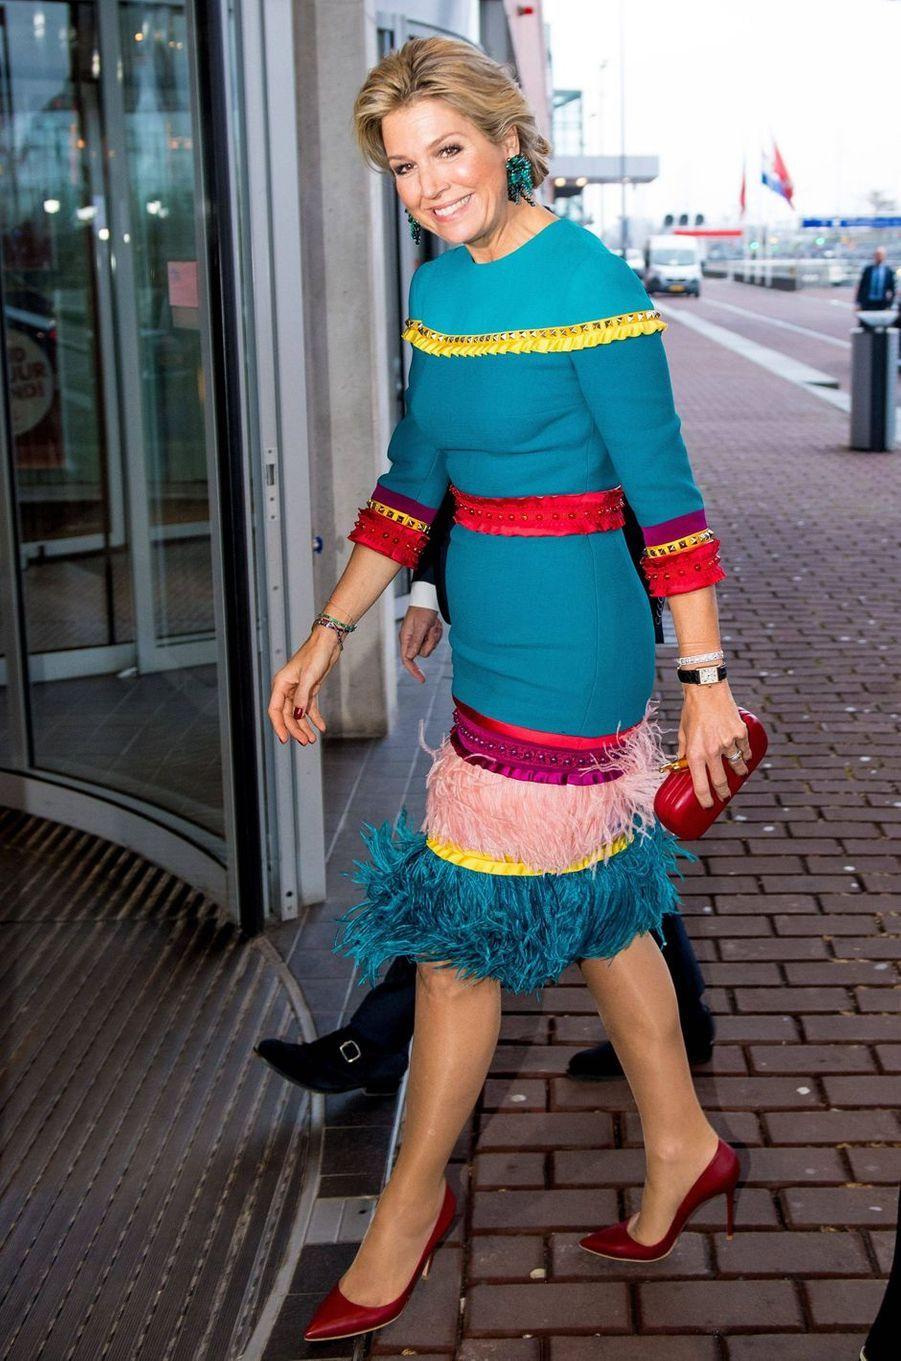 La reine Maxima des Pays-Bas dans une robe agrémentée de plumes le 26 novembre 2018